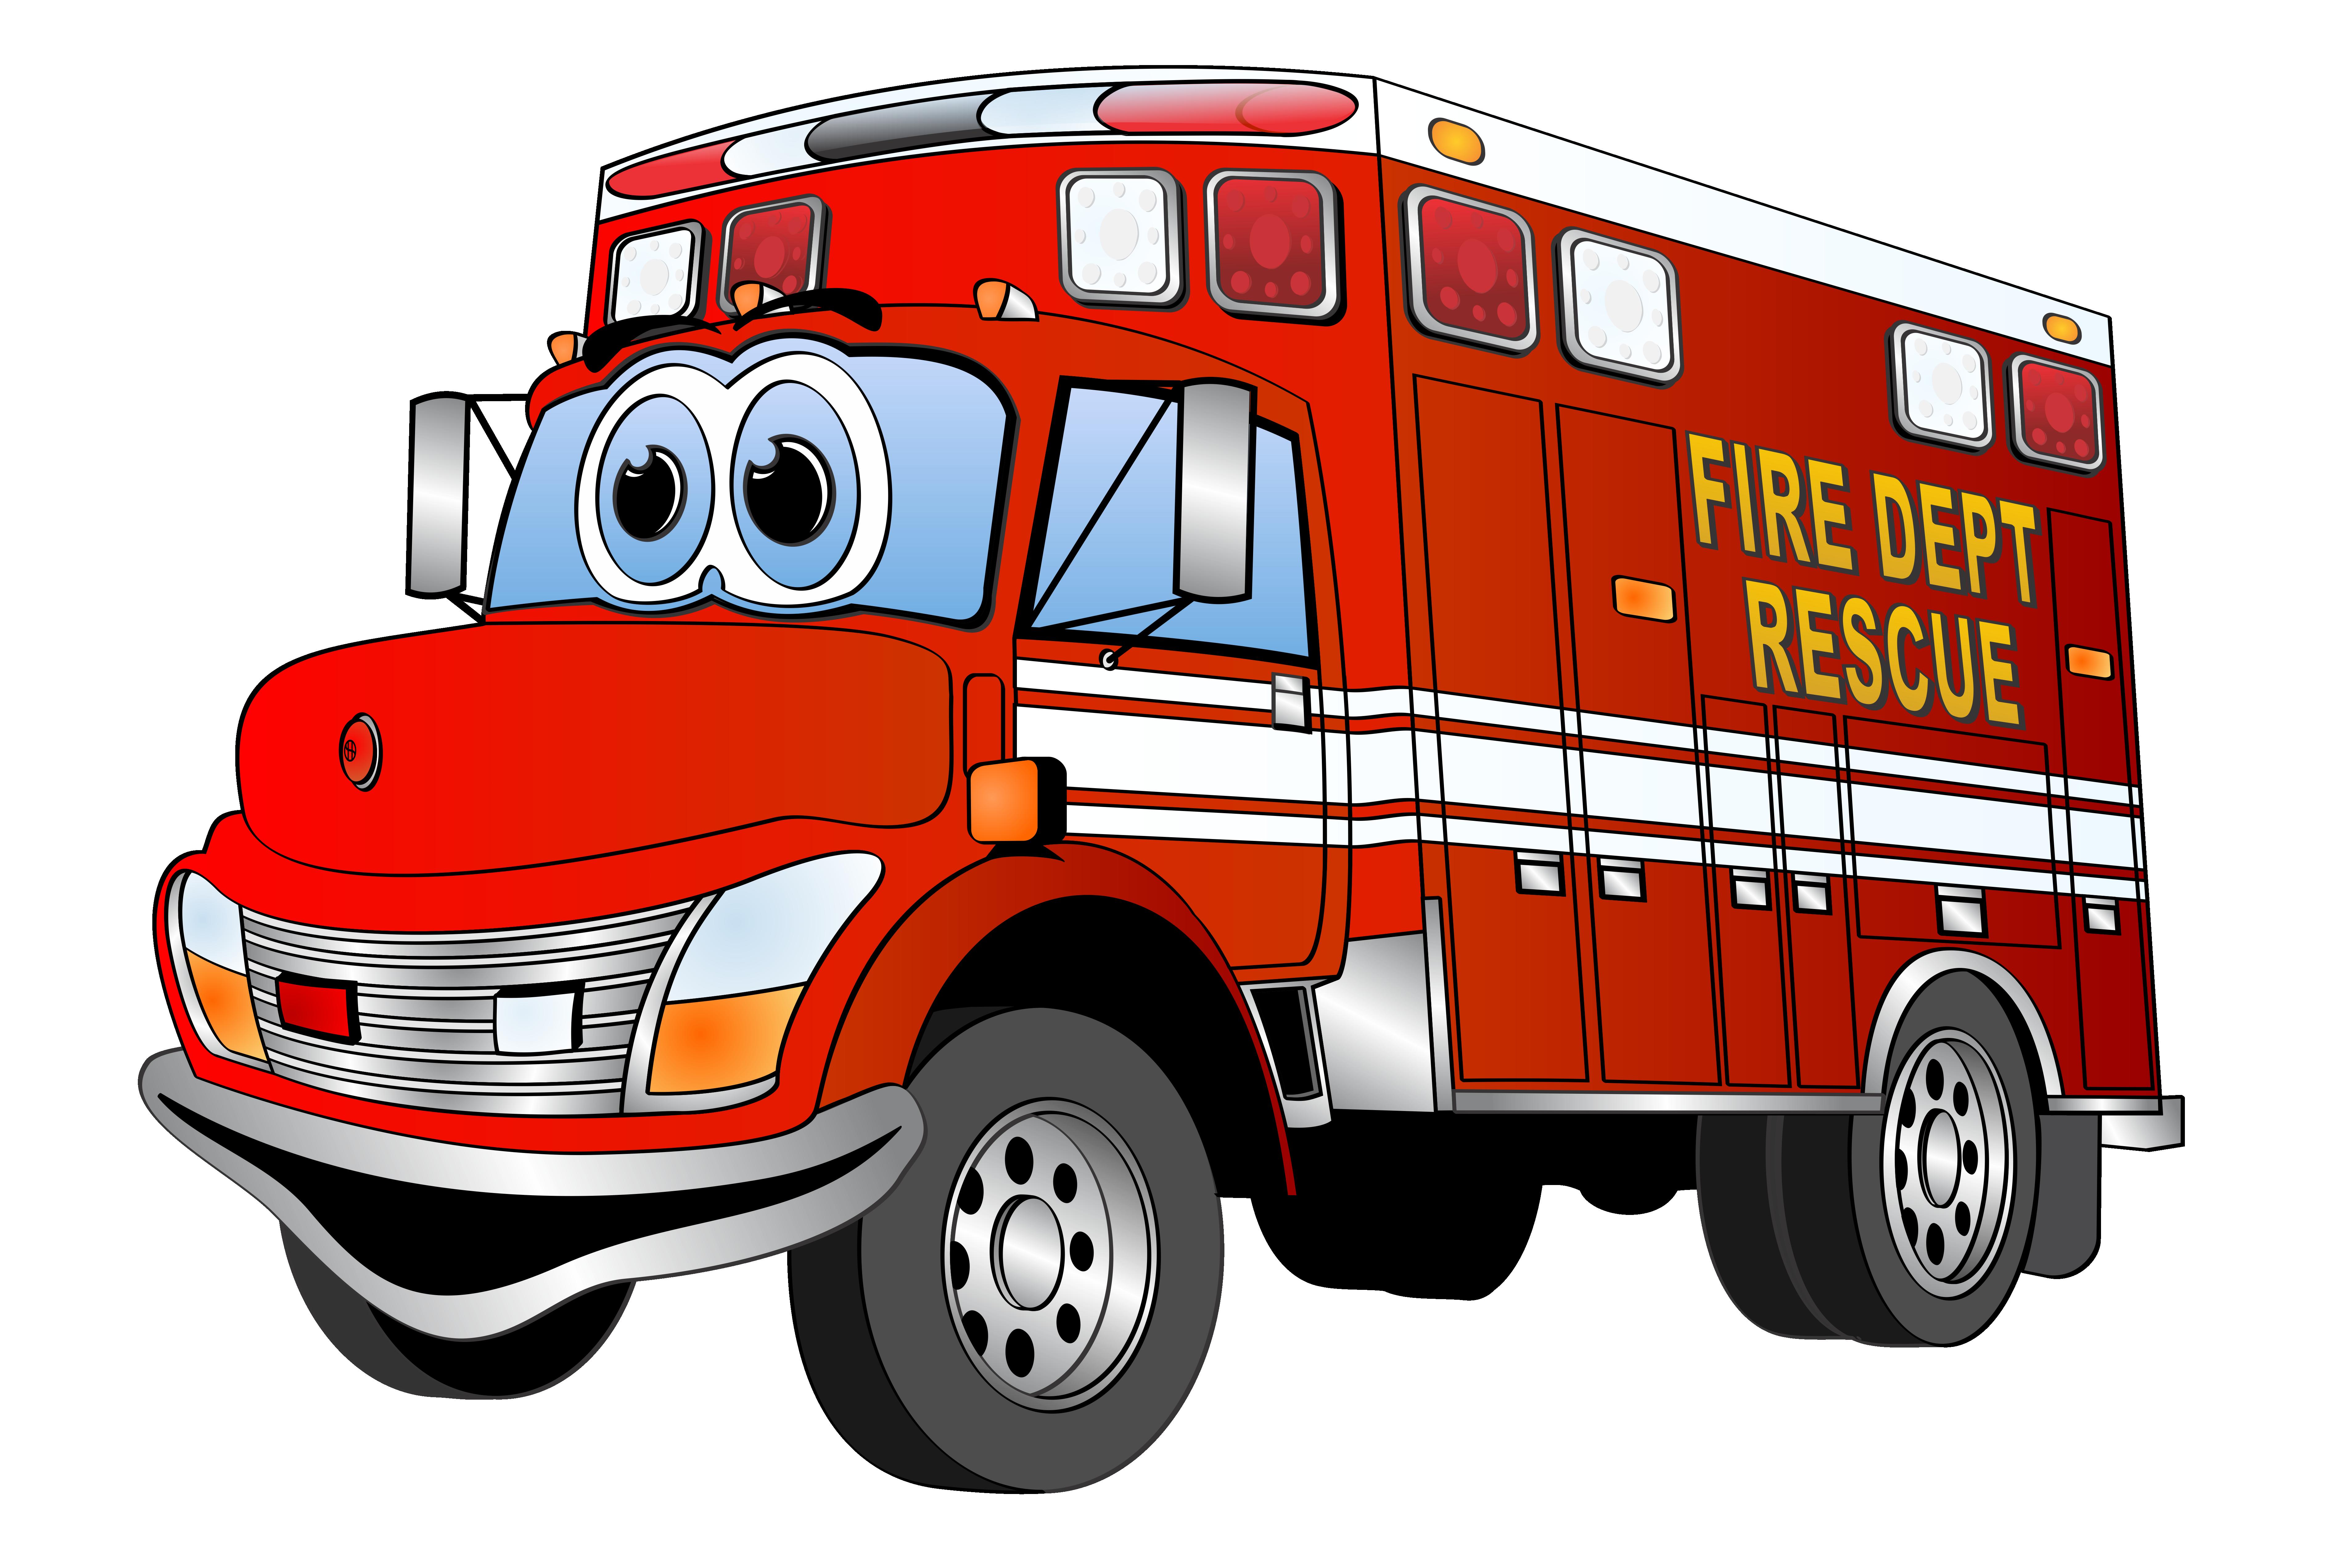 7628x5085 Firetruck Clipart